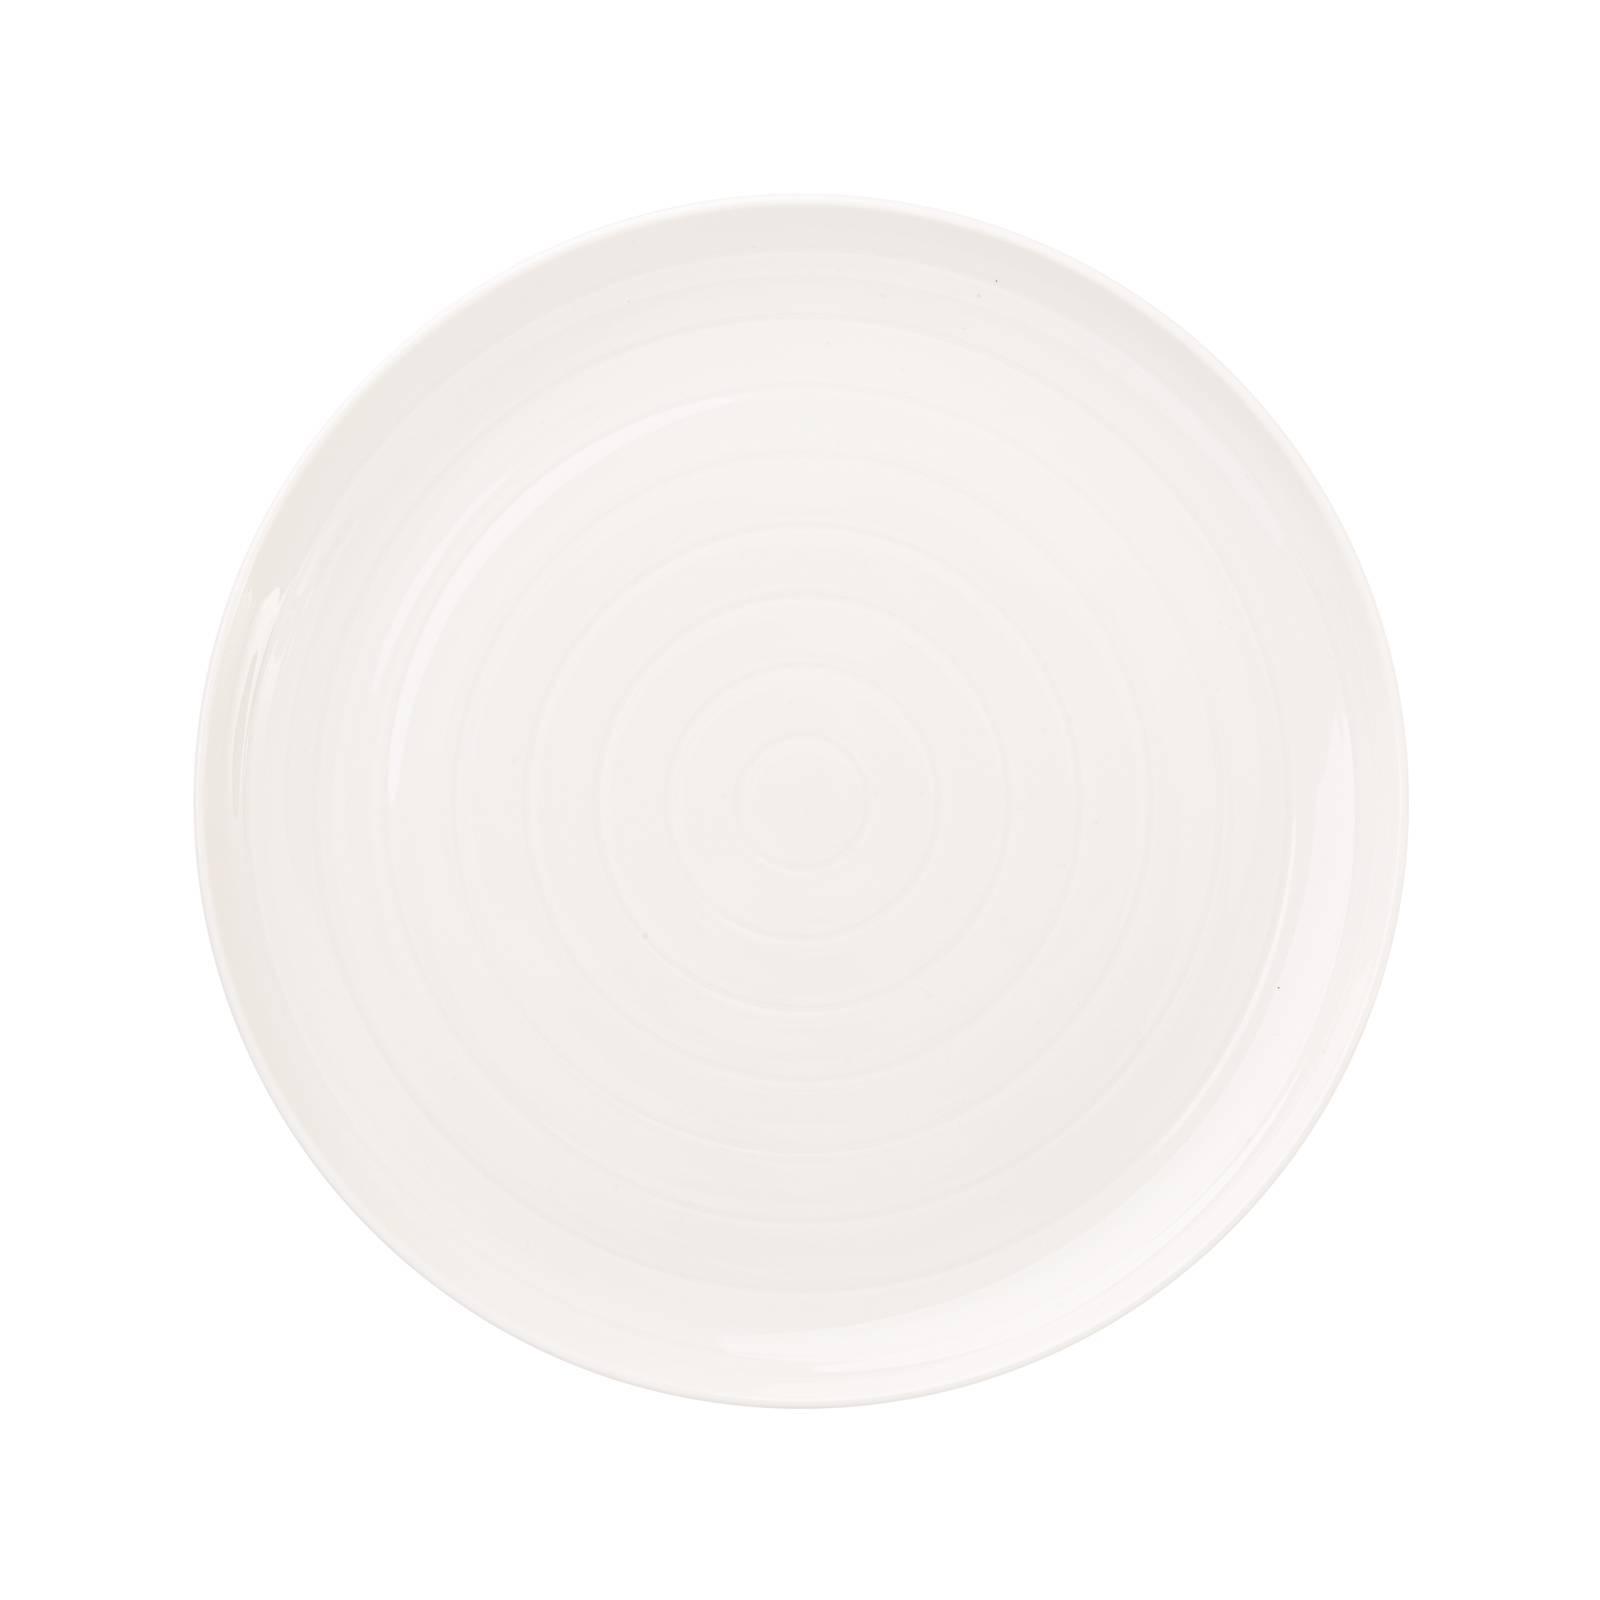 Porcelánový dezertní talíř Piano Cream 21 cm AMBITION